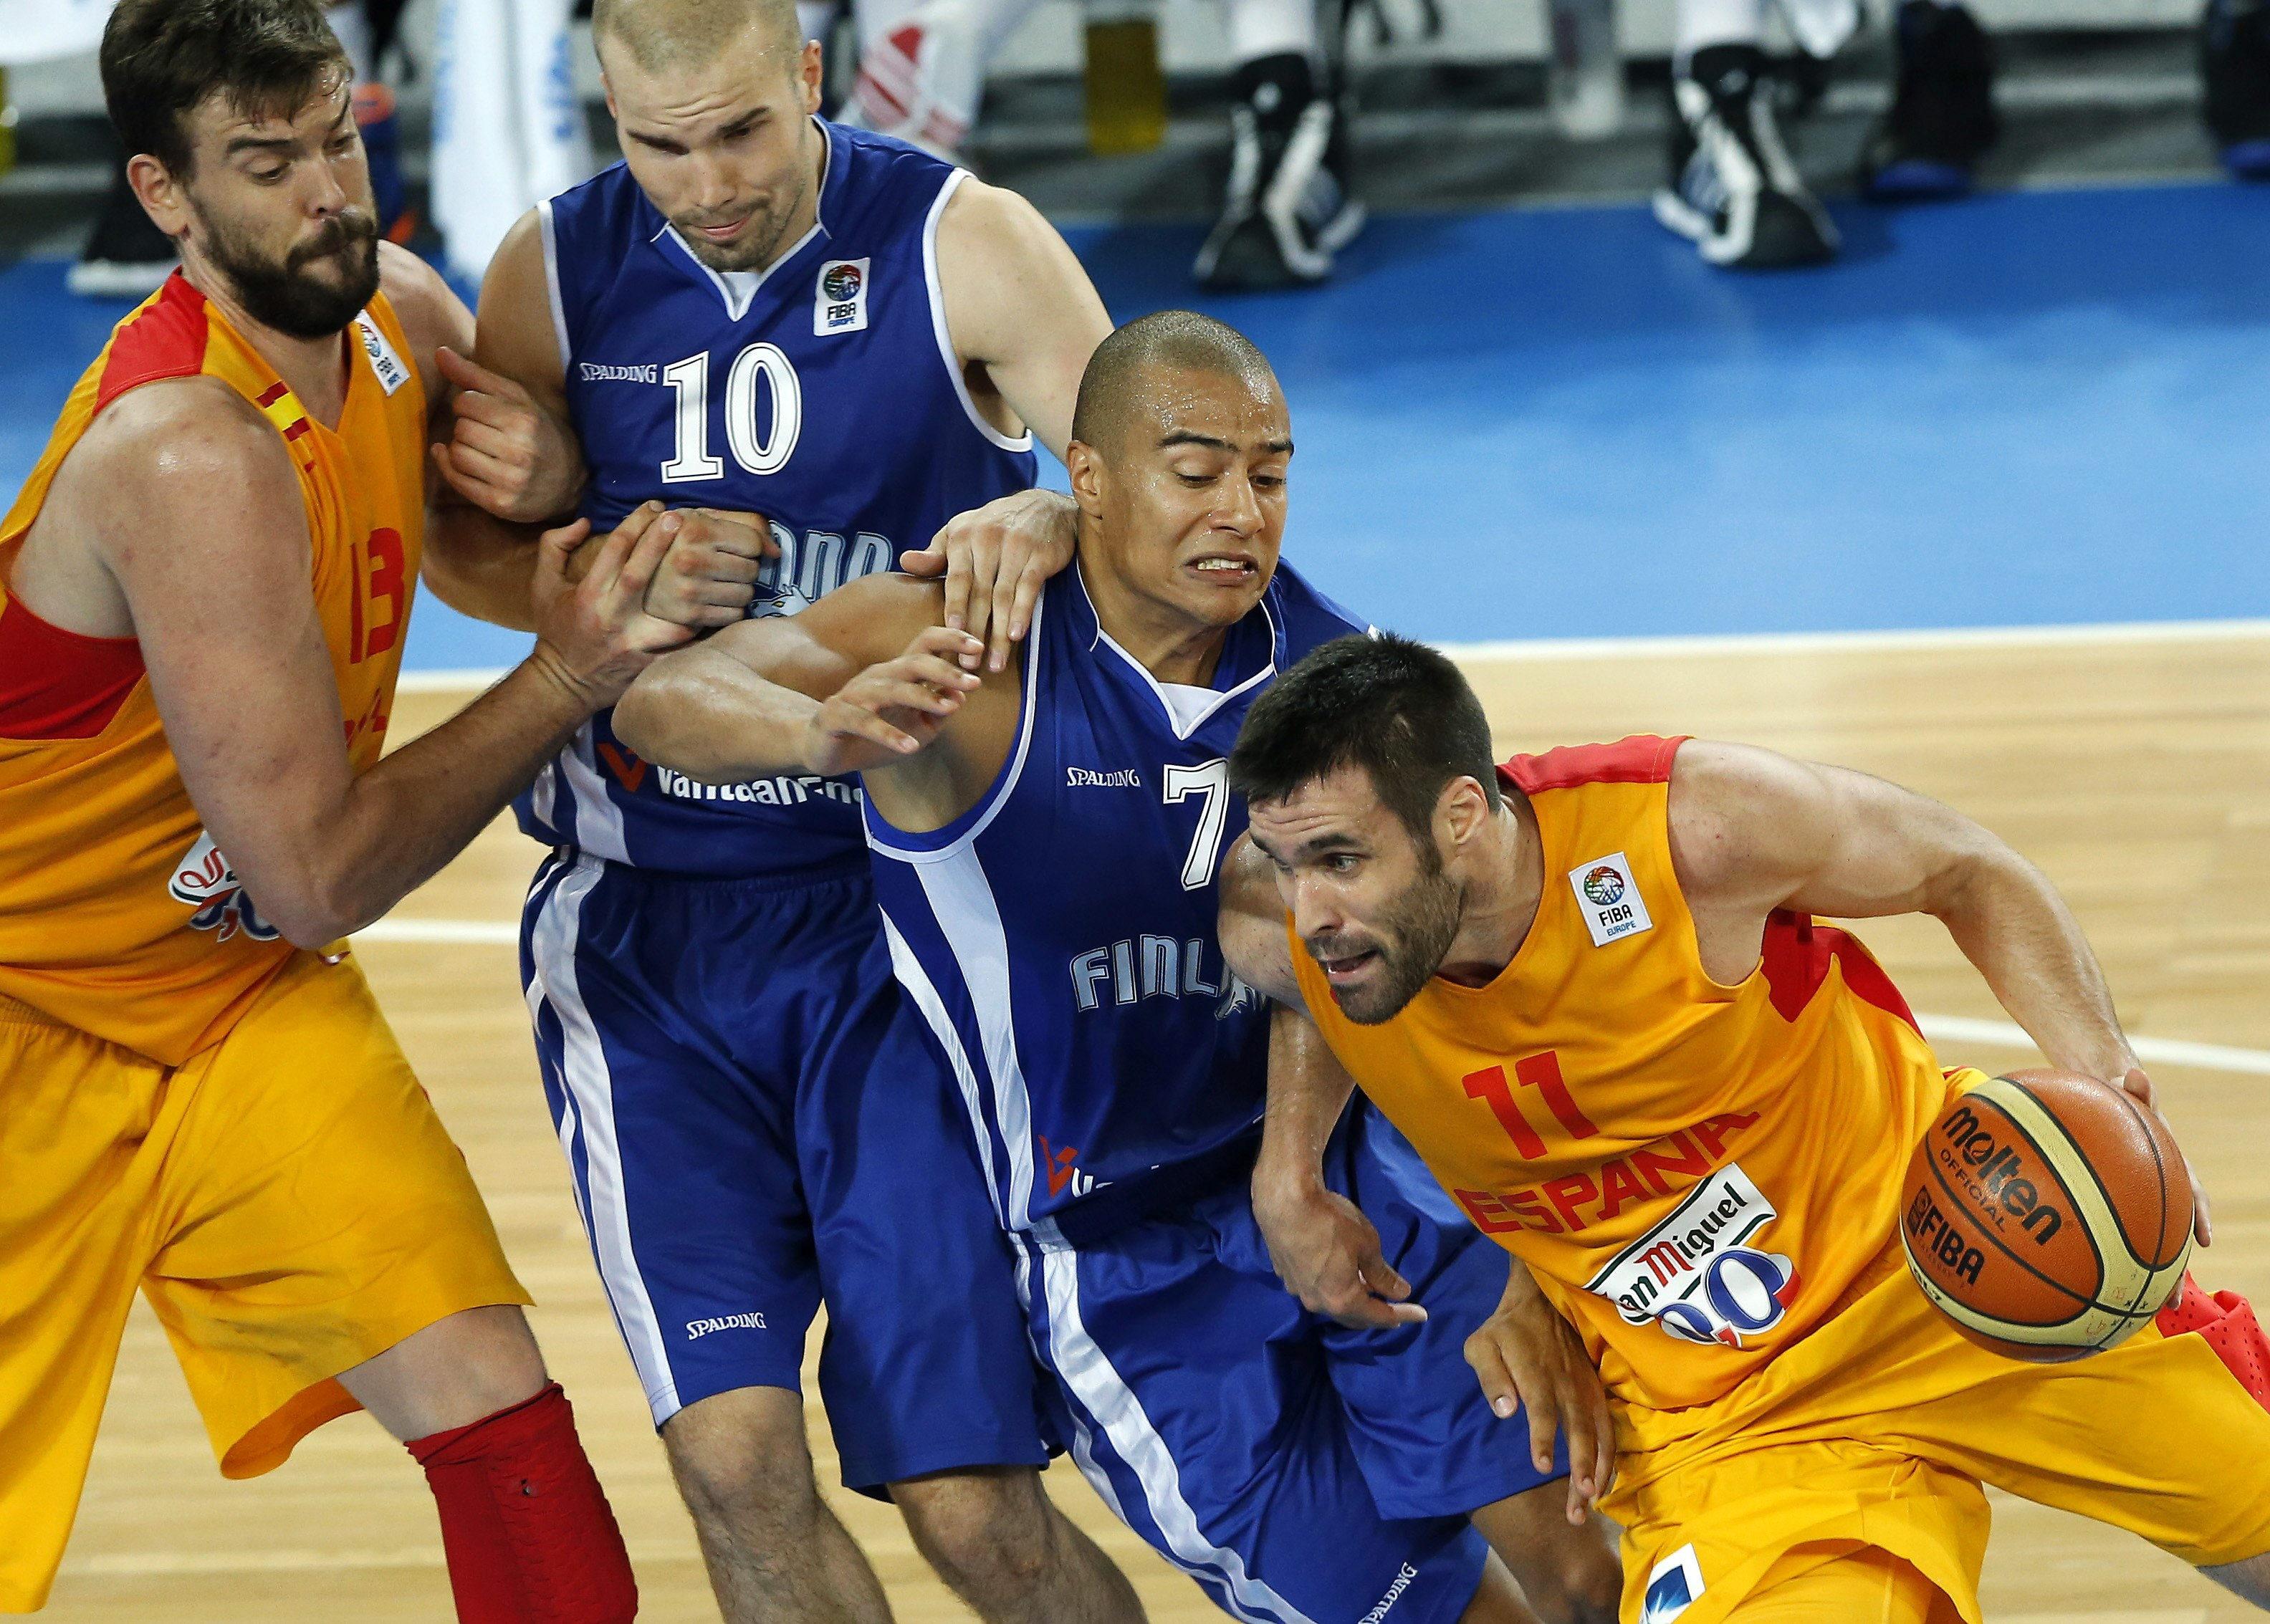 82-56. La selección española consigue una victoria imprescindible ante Finlandia